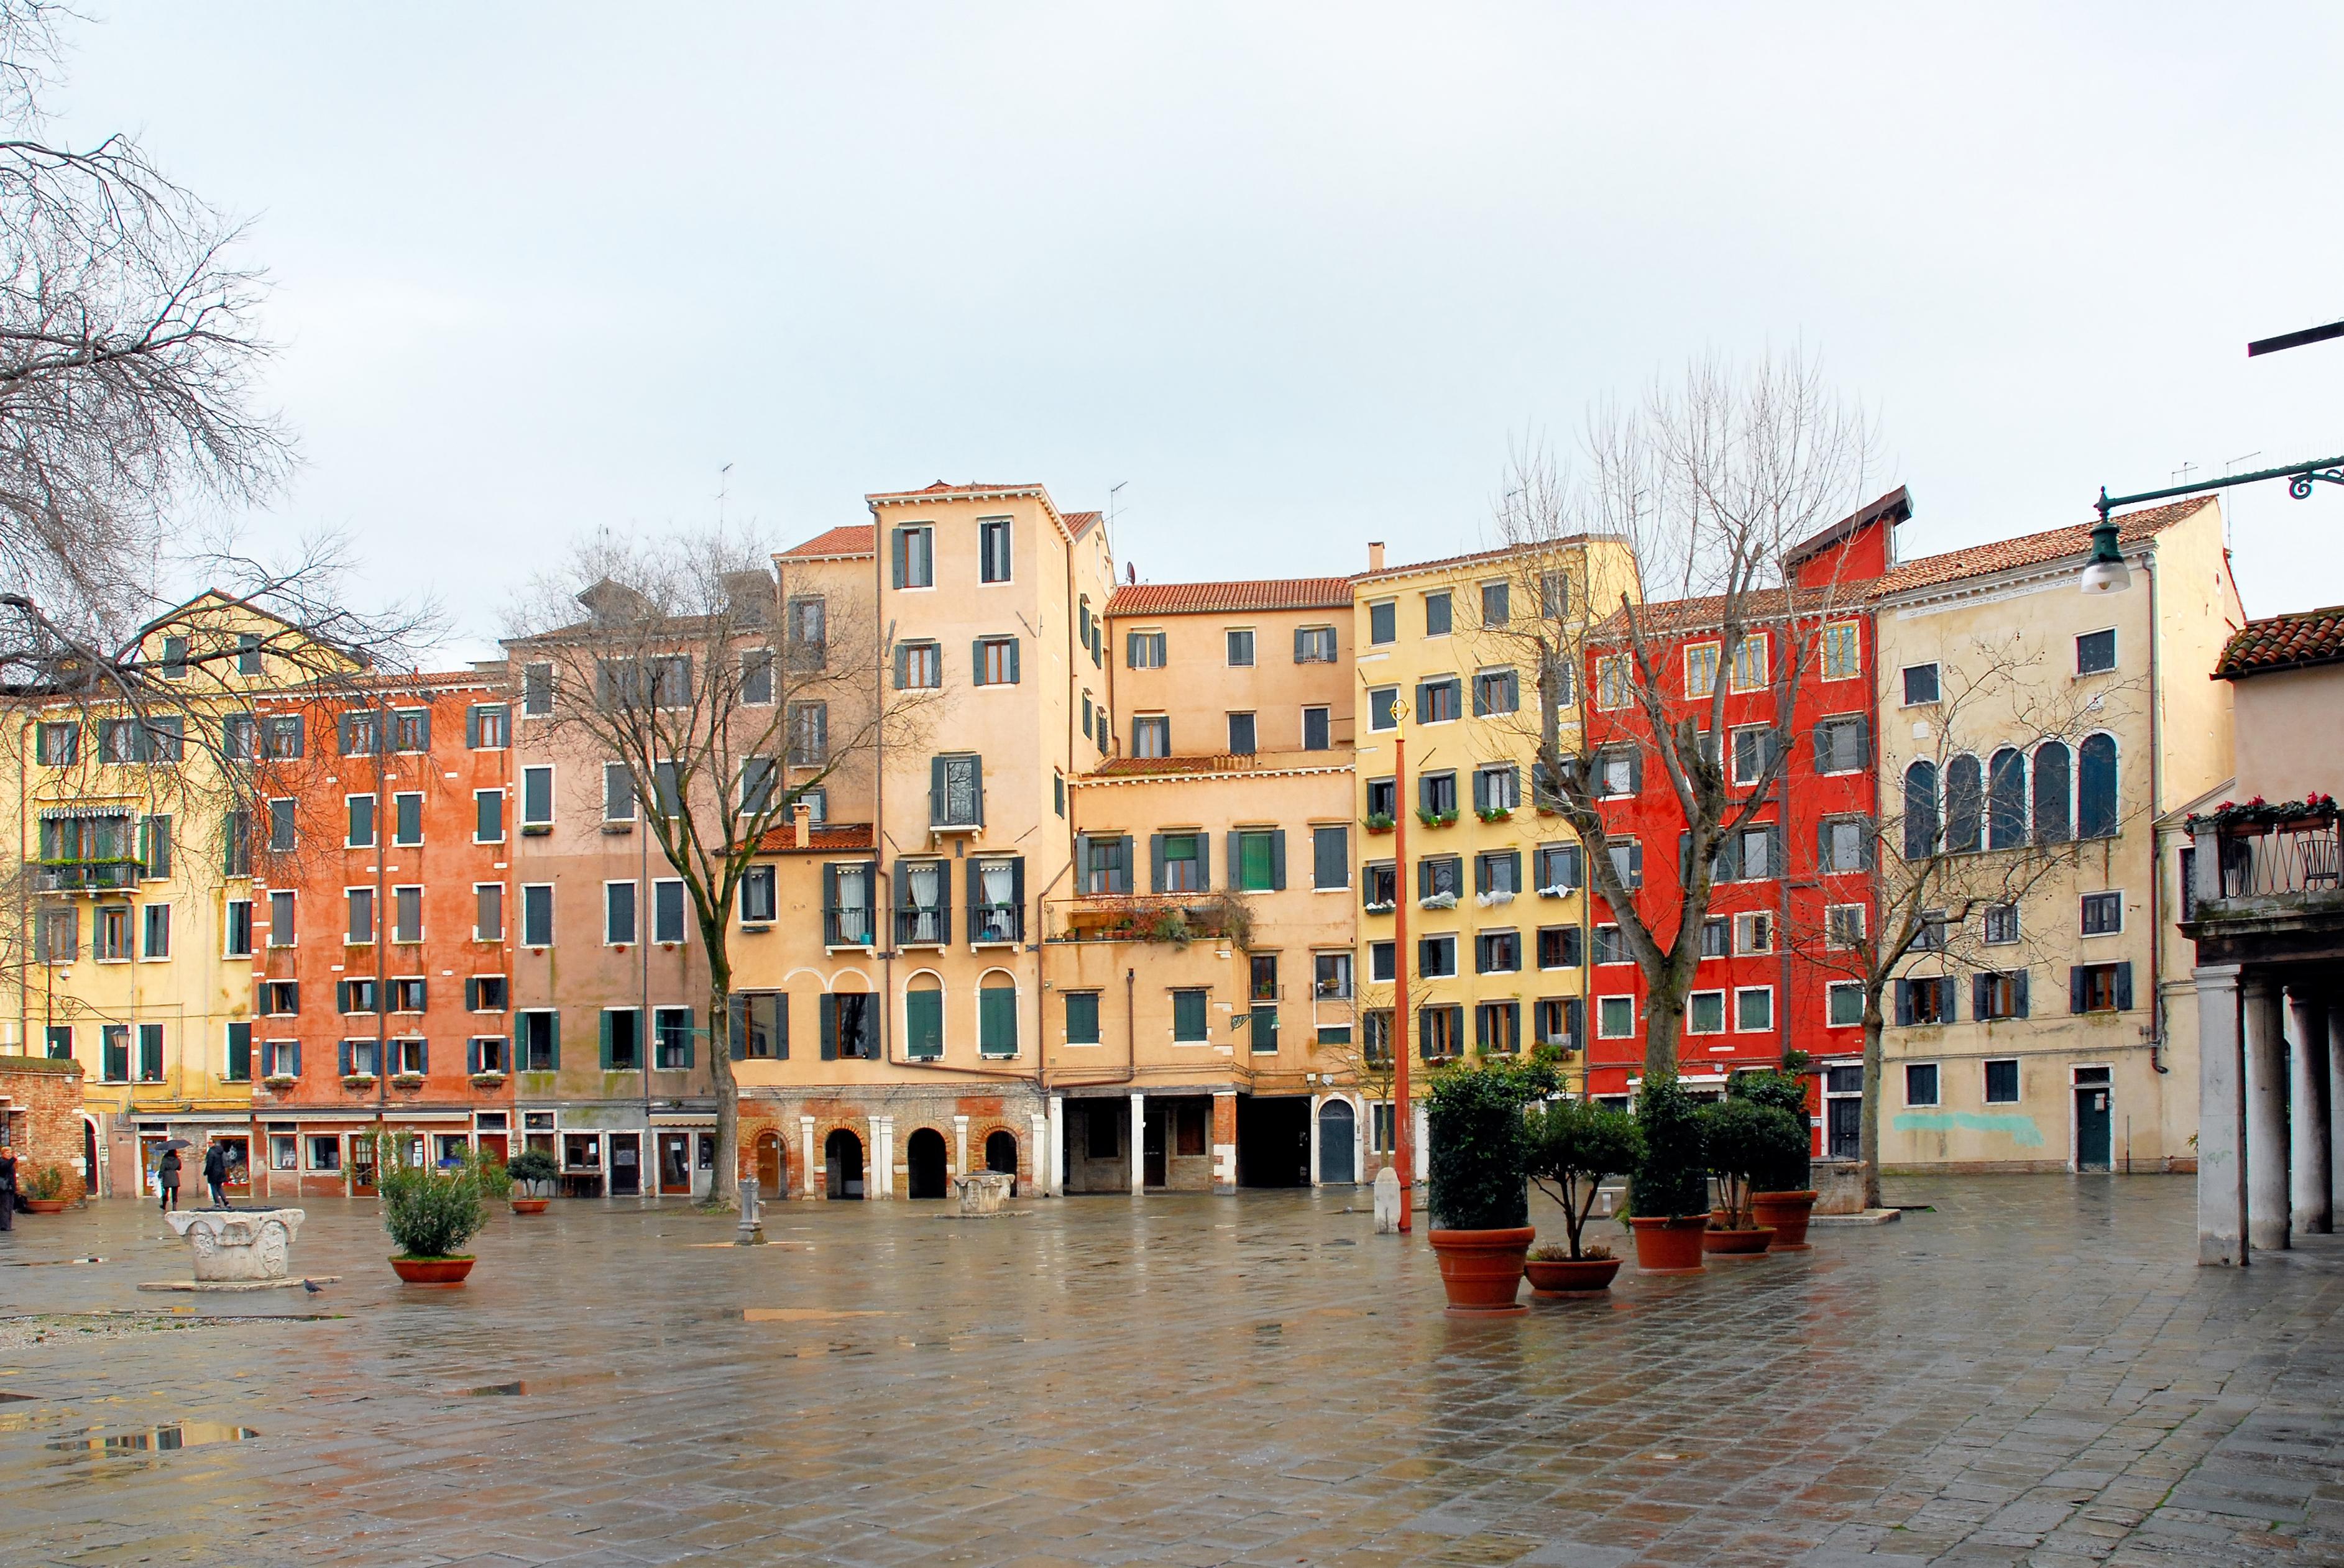 Disfrutar de un paseo en góndola y de un aperitivo en una típica bacari - Italia Circuito Italia Bella: de Milán a Roma